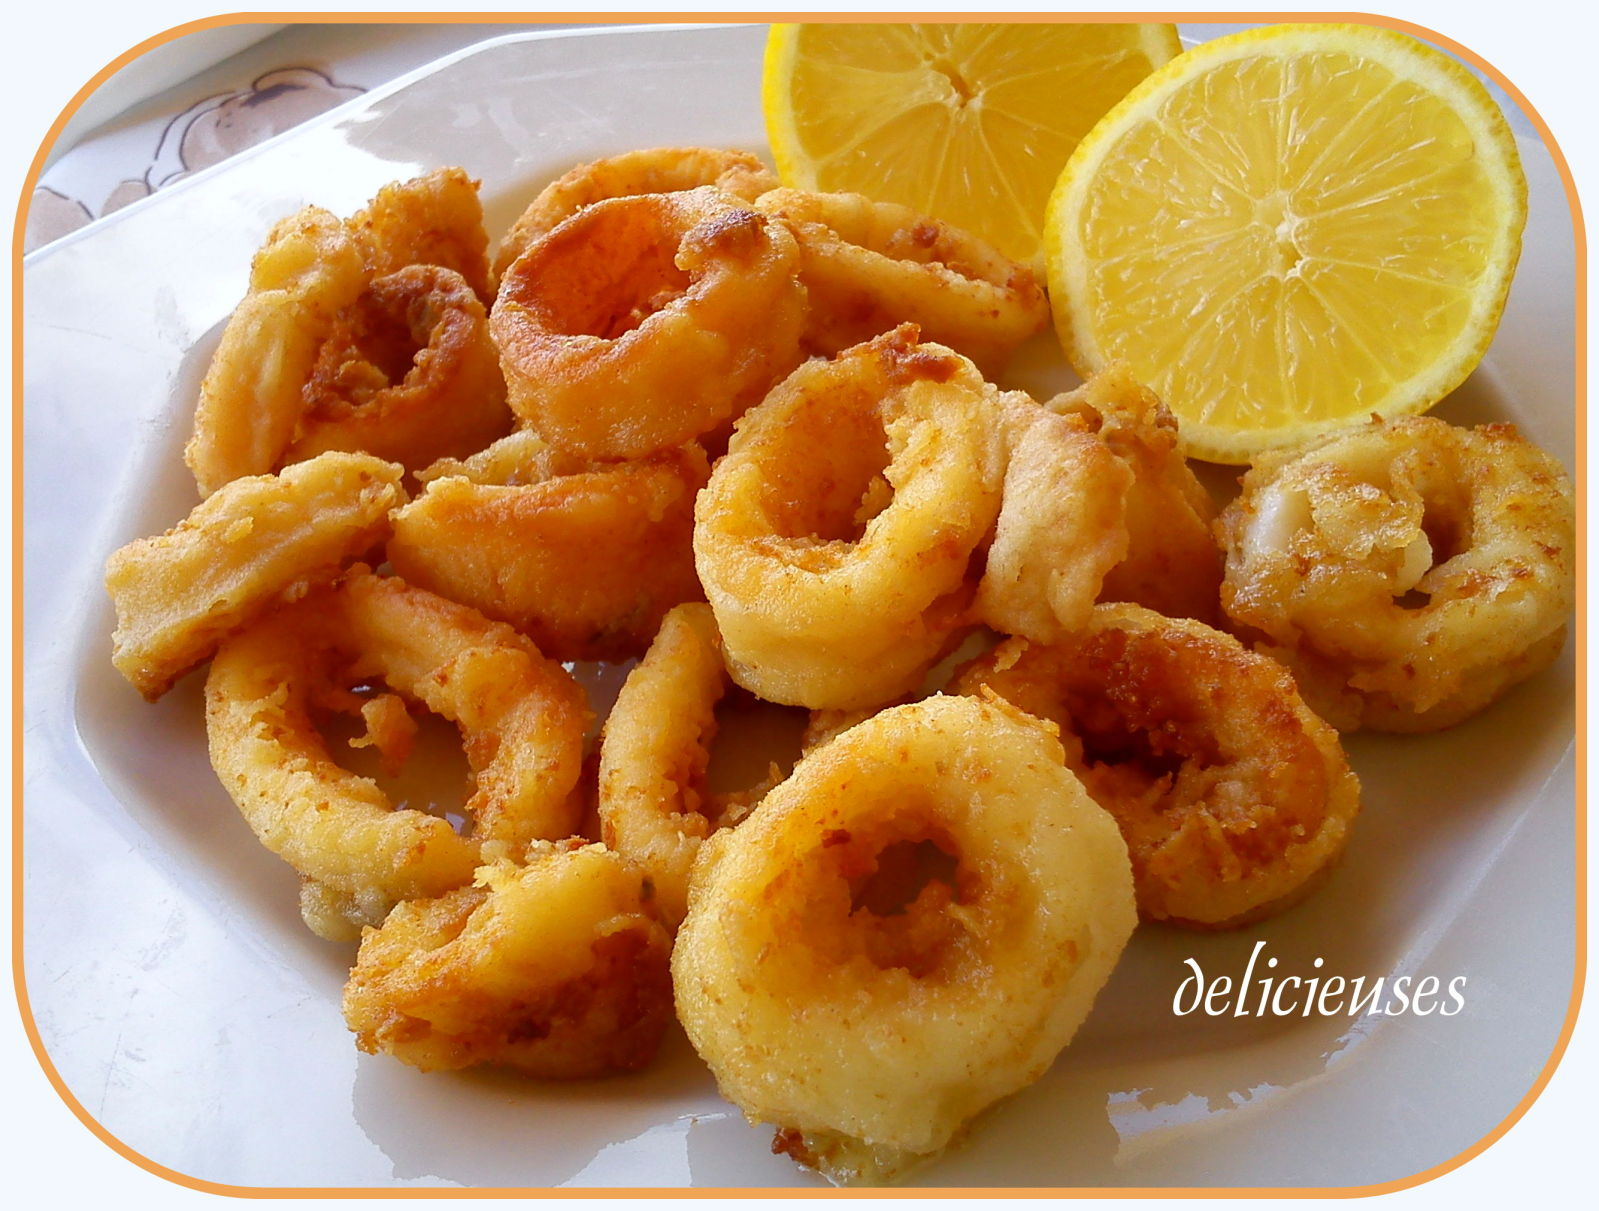 Καλαμαράκια τηγανιτά-Όλα τα μυστικά για  τέλειο τηγάνισμα 30ni1yv